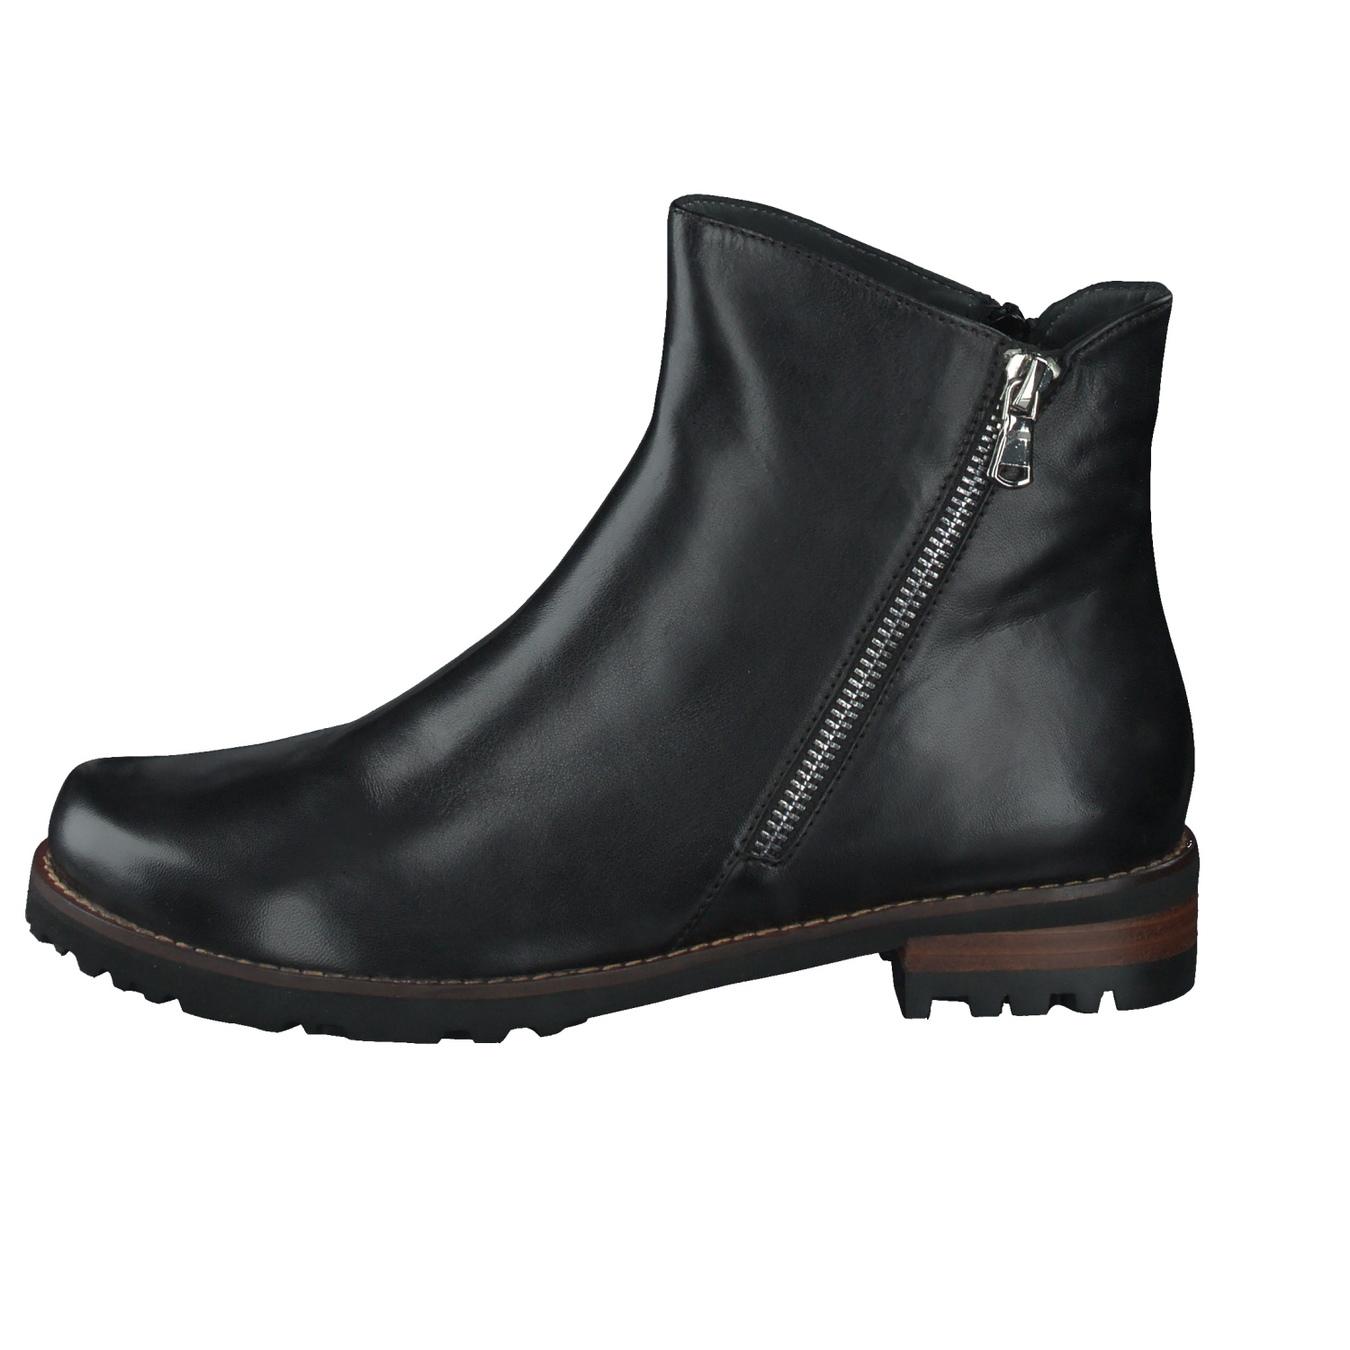 995c891c343078 Everybody Damen Stiefelette in schwarz kaufen